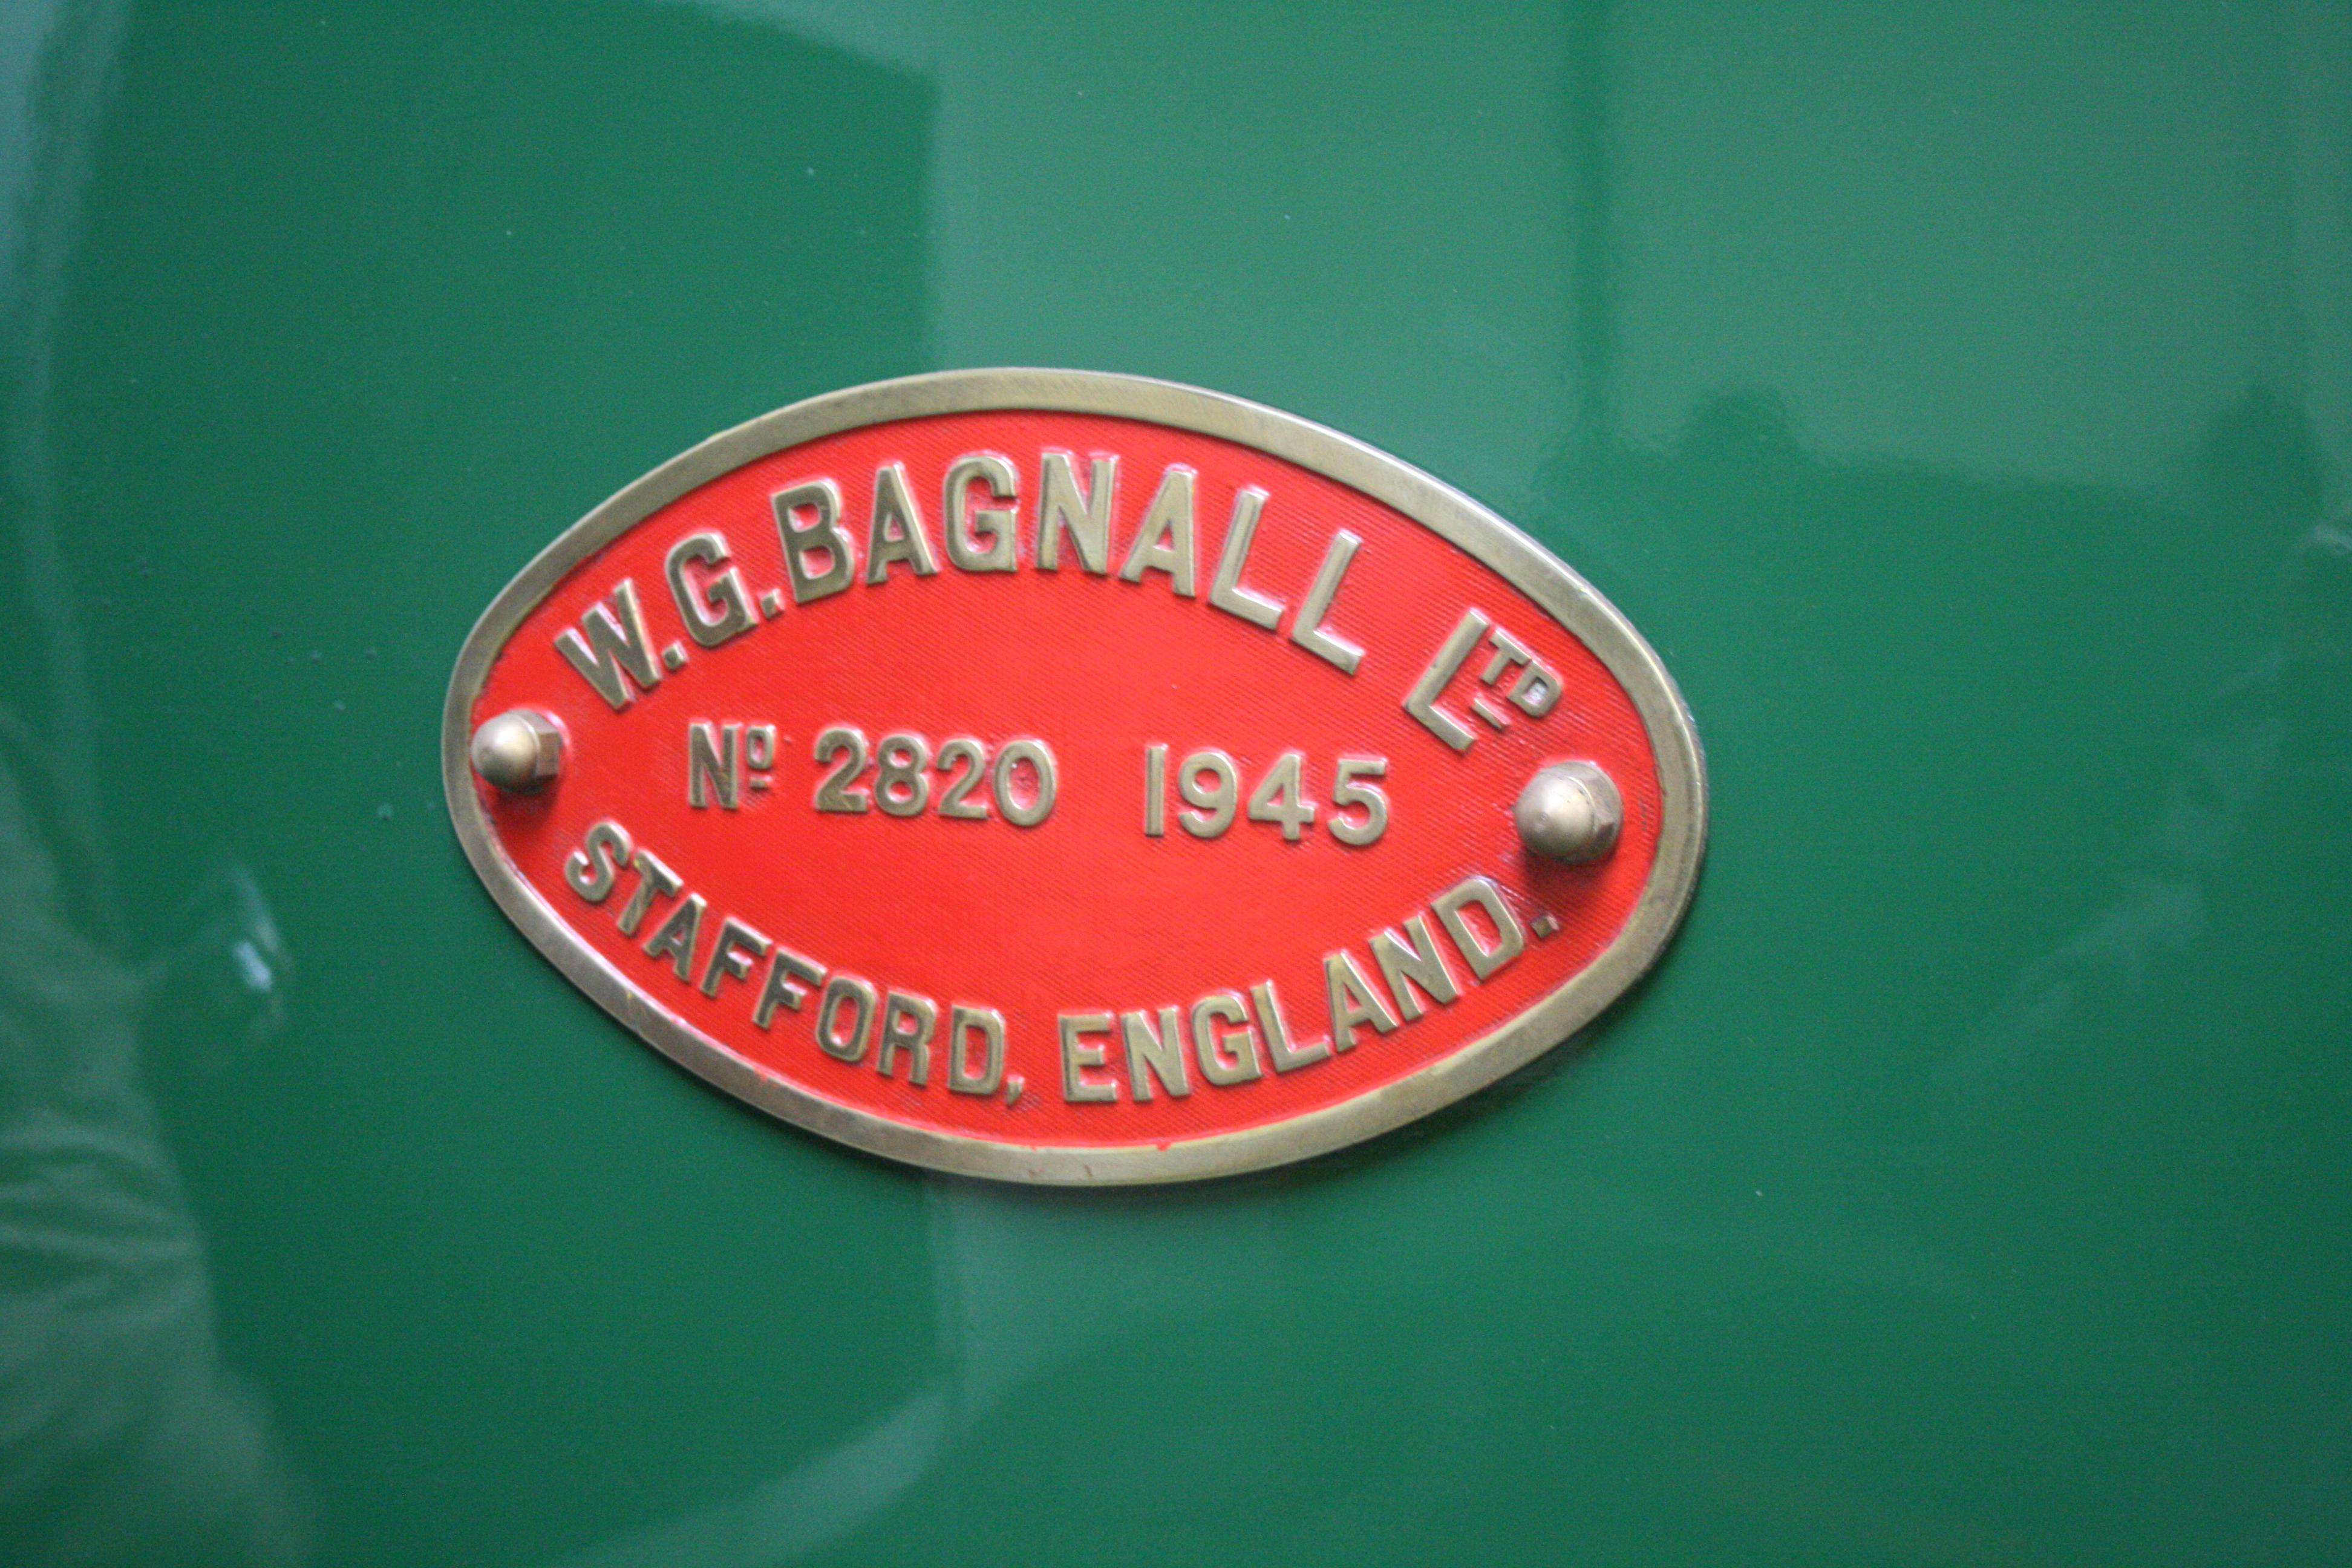 Wg Ltd file w g bagnall ltd no 2820 of 1945 stafford works